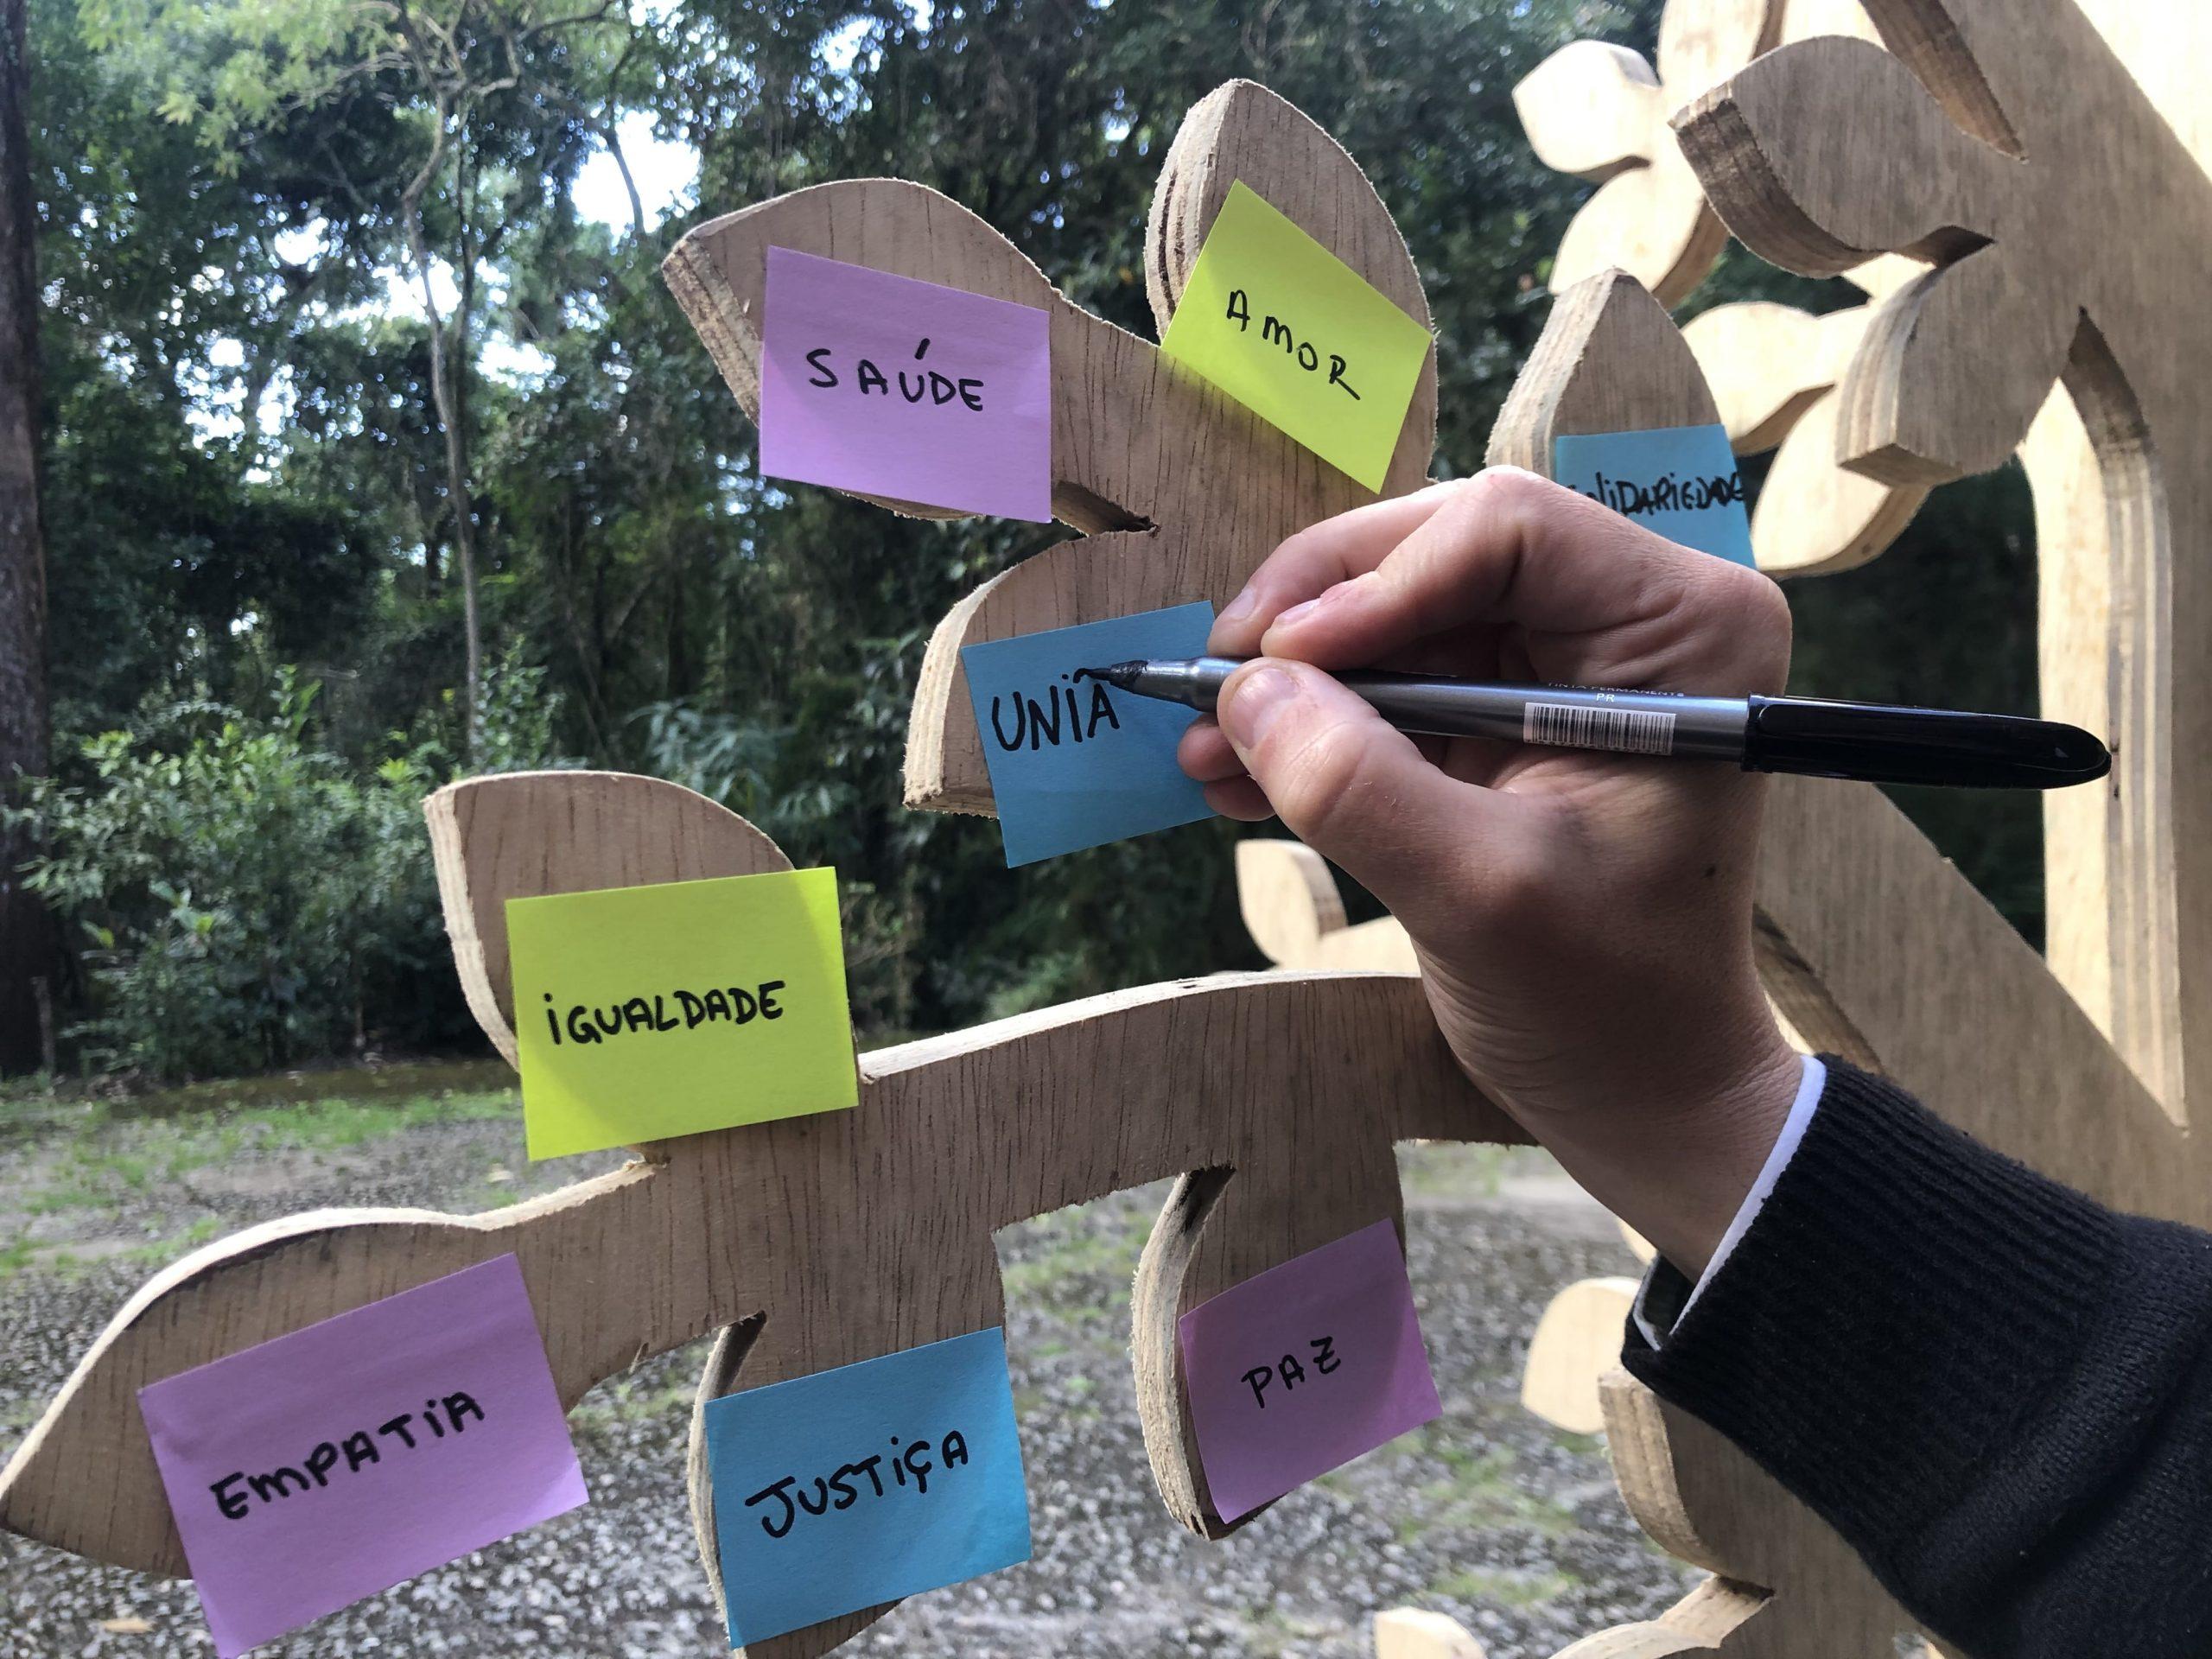 Na imagem, há galhos de uma árvore feita de madeira onde estão colados diversos post-it com palavras como: igualdade, empatia, saúde, amor. Uma mão está segurando uma caneta e escreve em um dos post it a palavra união.